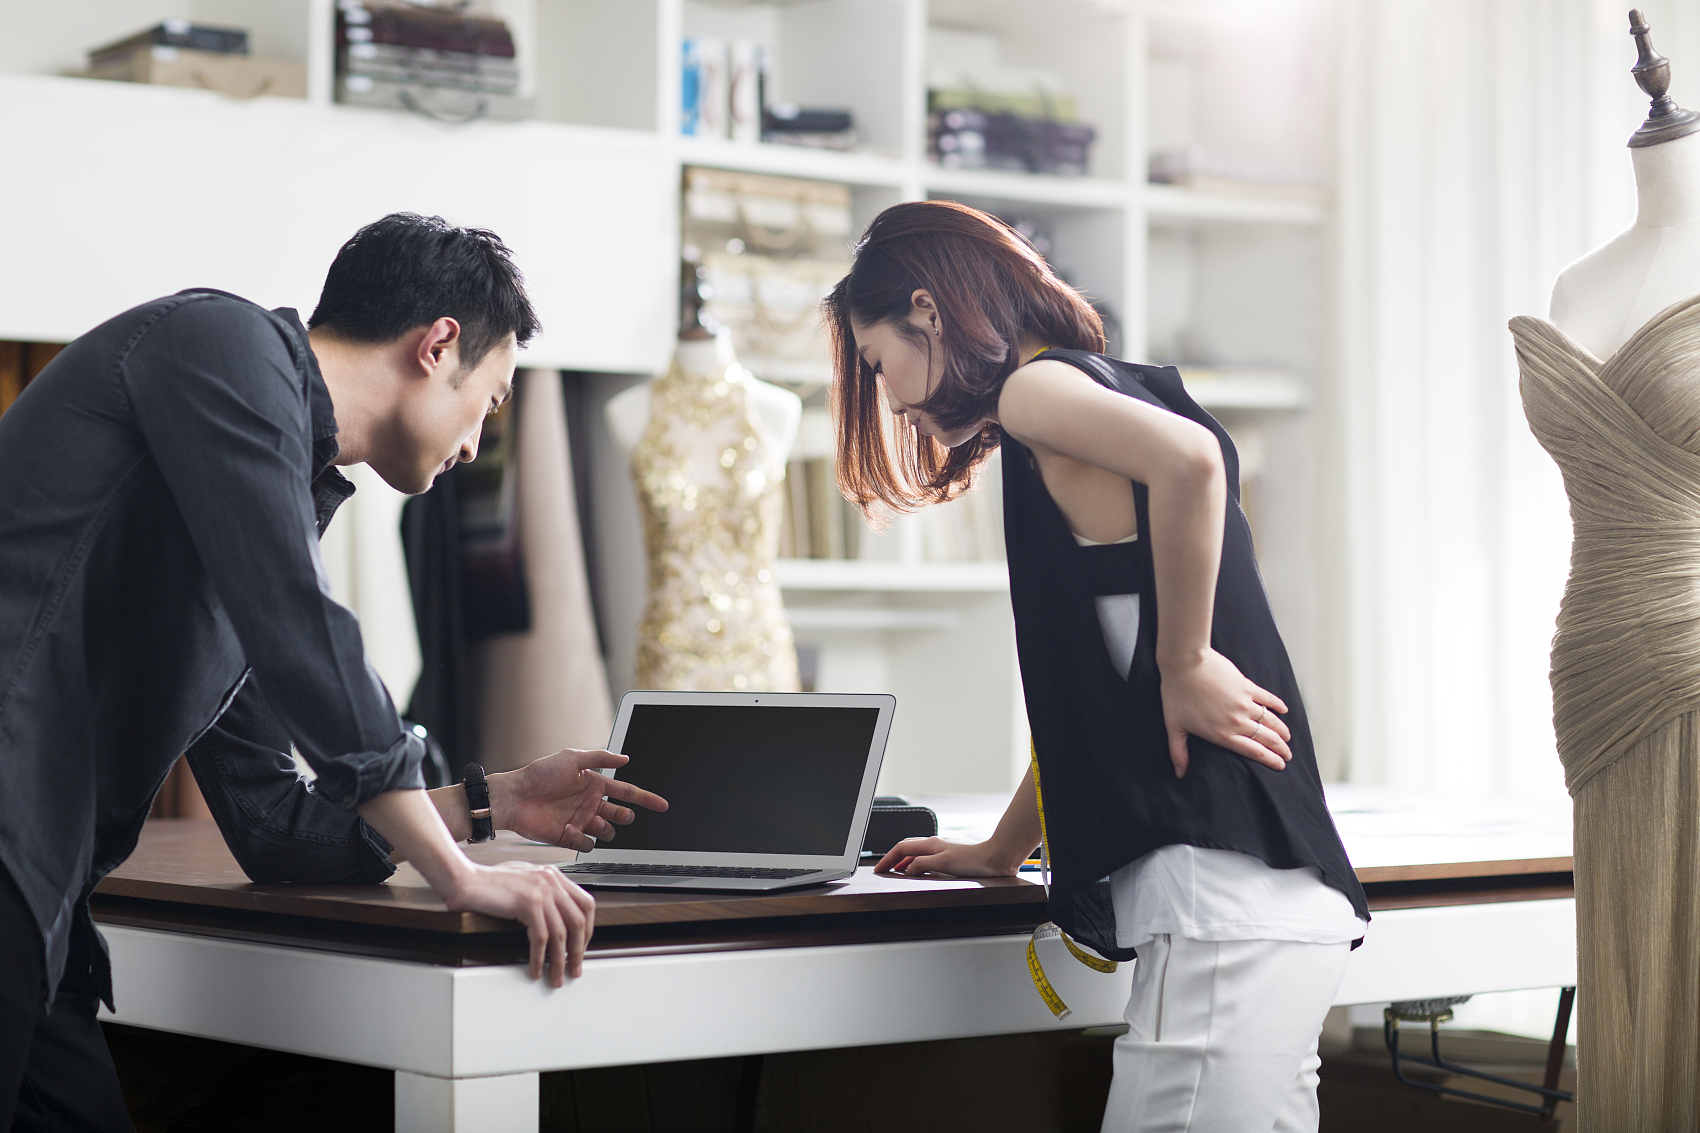 """时尚创业是可以学习的吗?- 解读橙湾3.0 四大基础课程之""""时尚创业"""""""